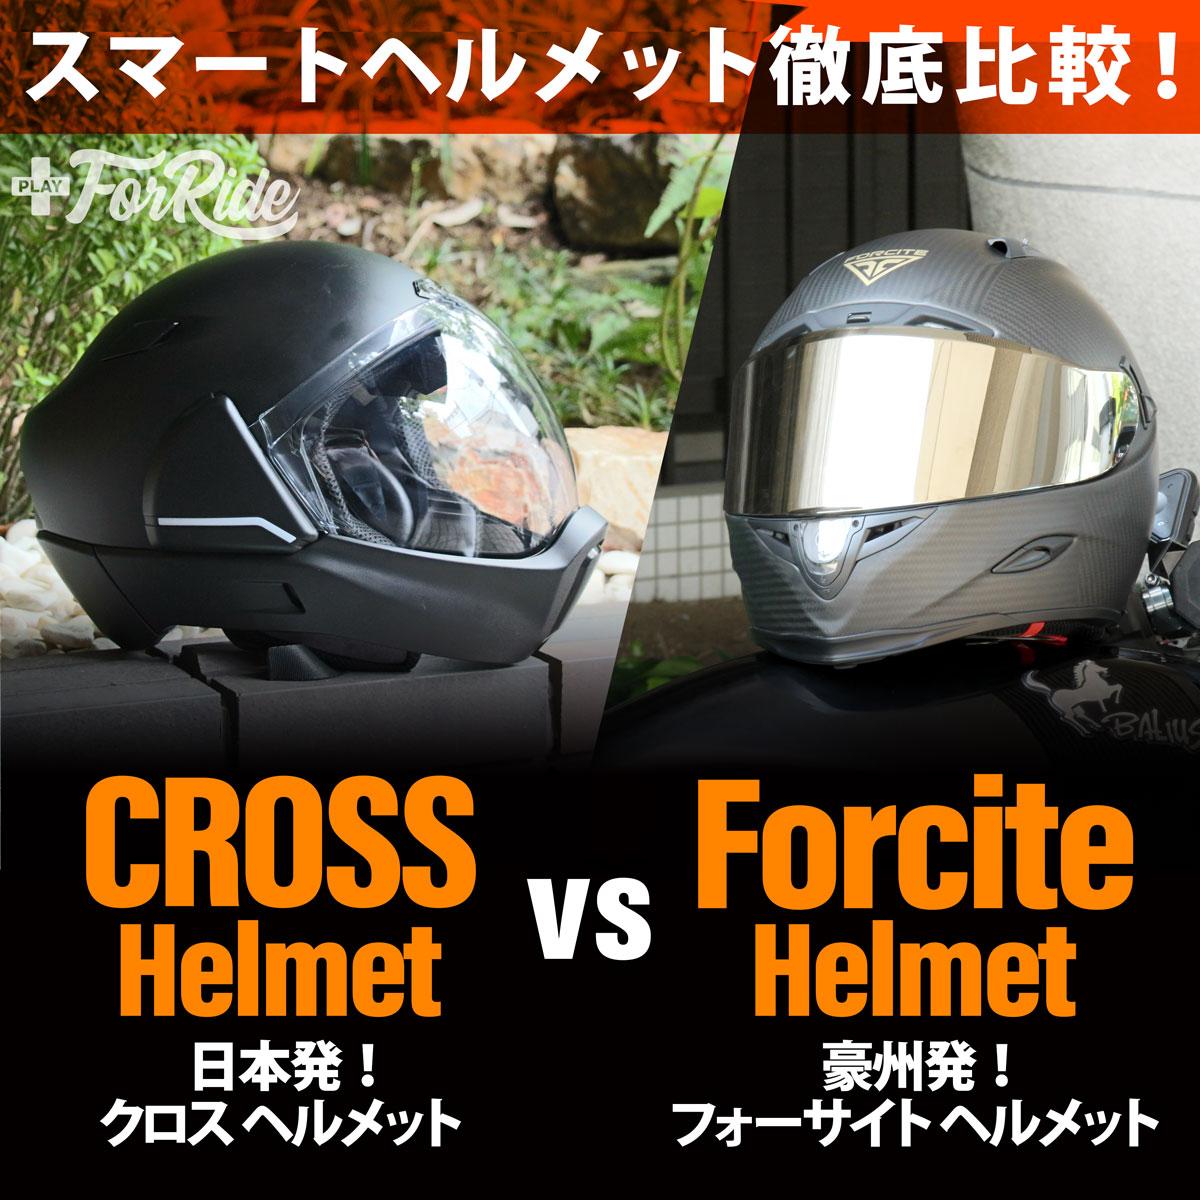 徹底比較!スマートヘルメット「Forcite」VS「CrossHelmet」その実力やいかに?